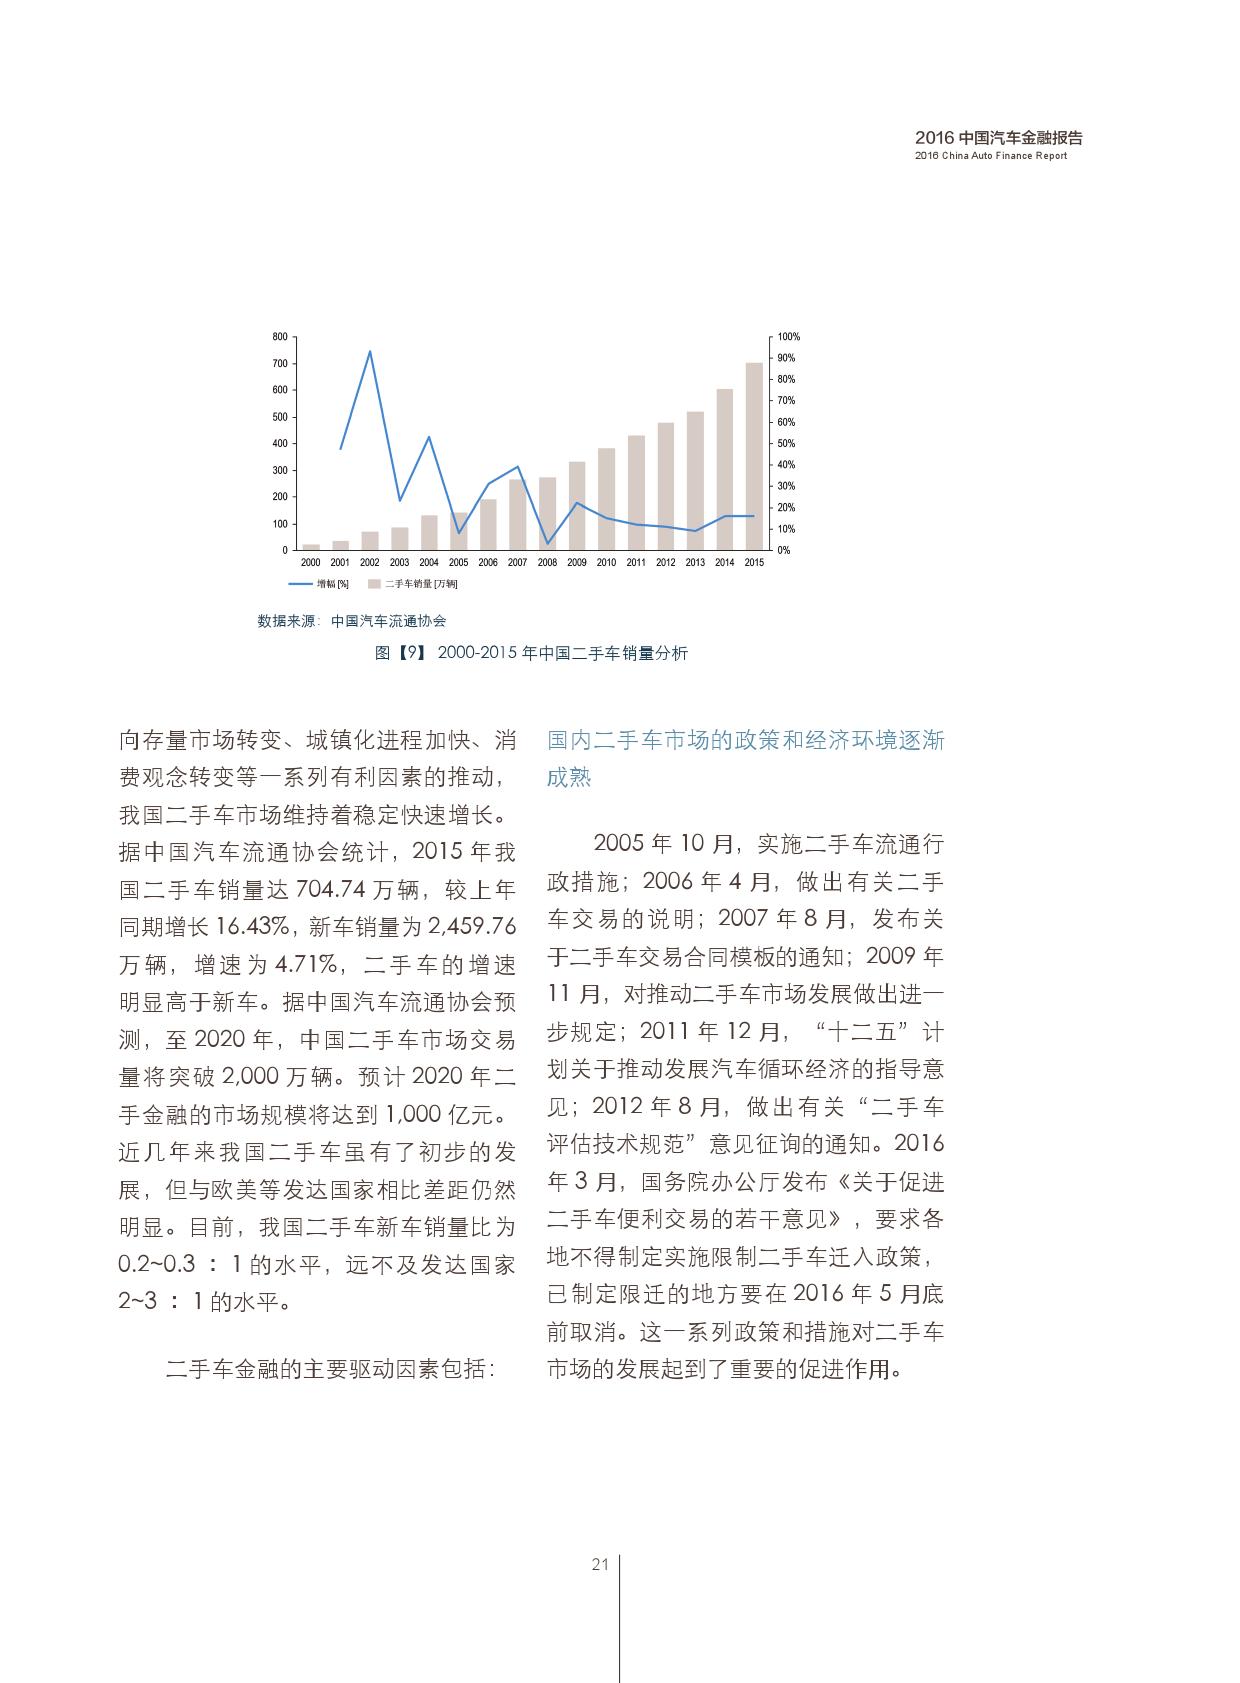 2016中国汽车金融报告_000022